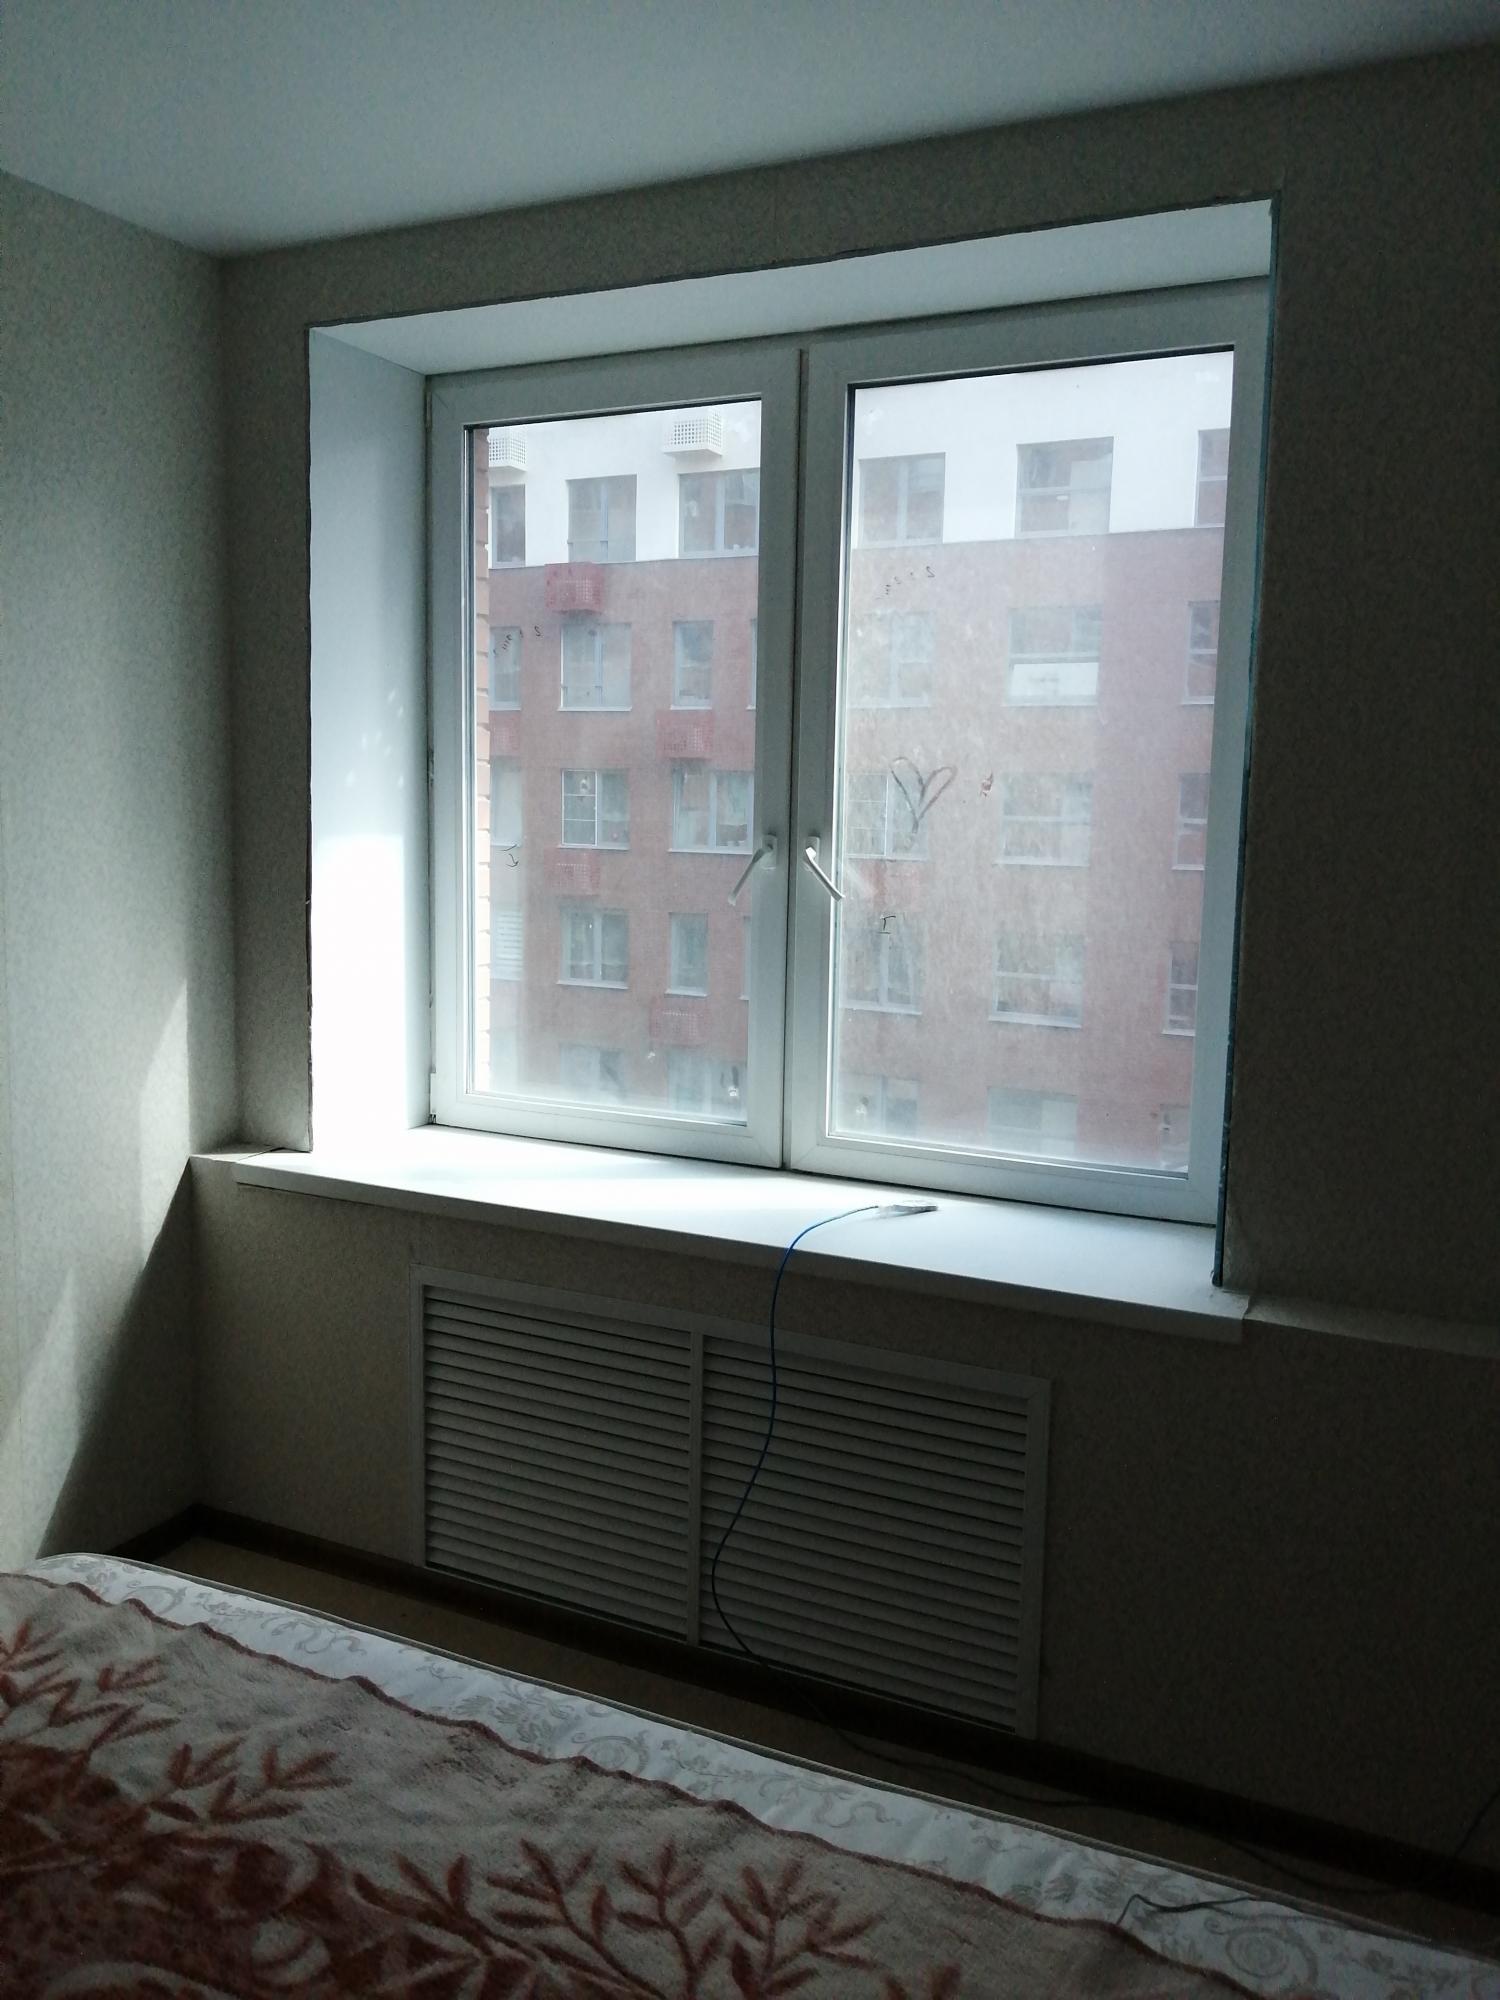 Квартира, 1 комната, 38 м² в Красково 89167750489 купить 3